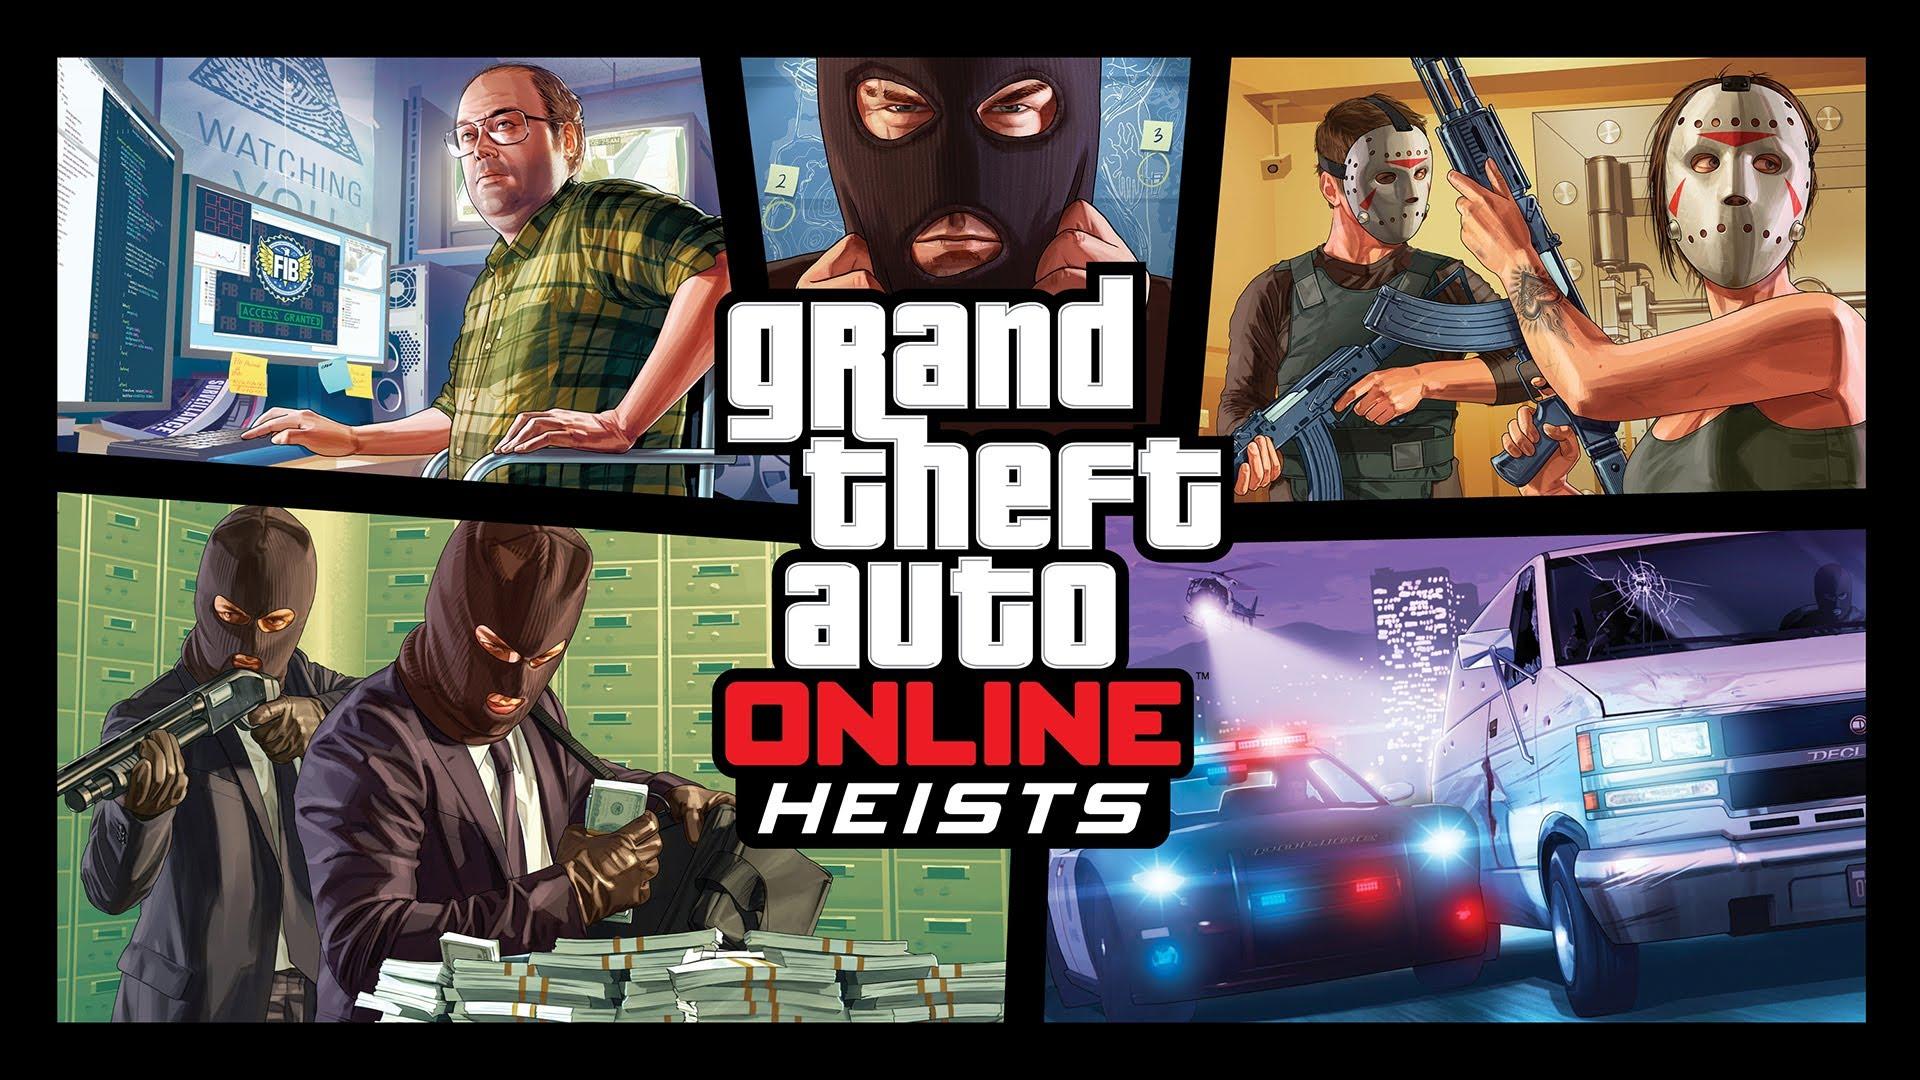 Heist in gta 5 online release date